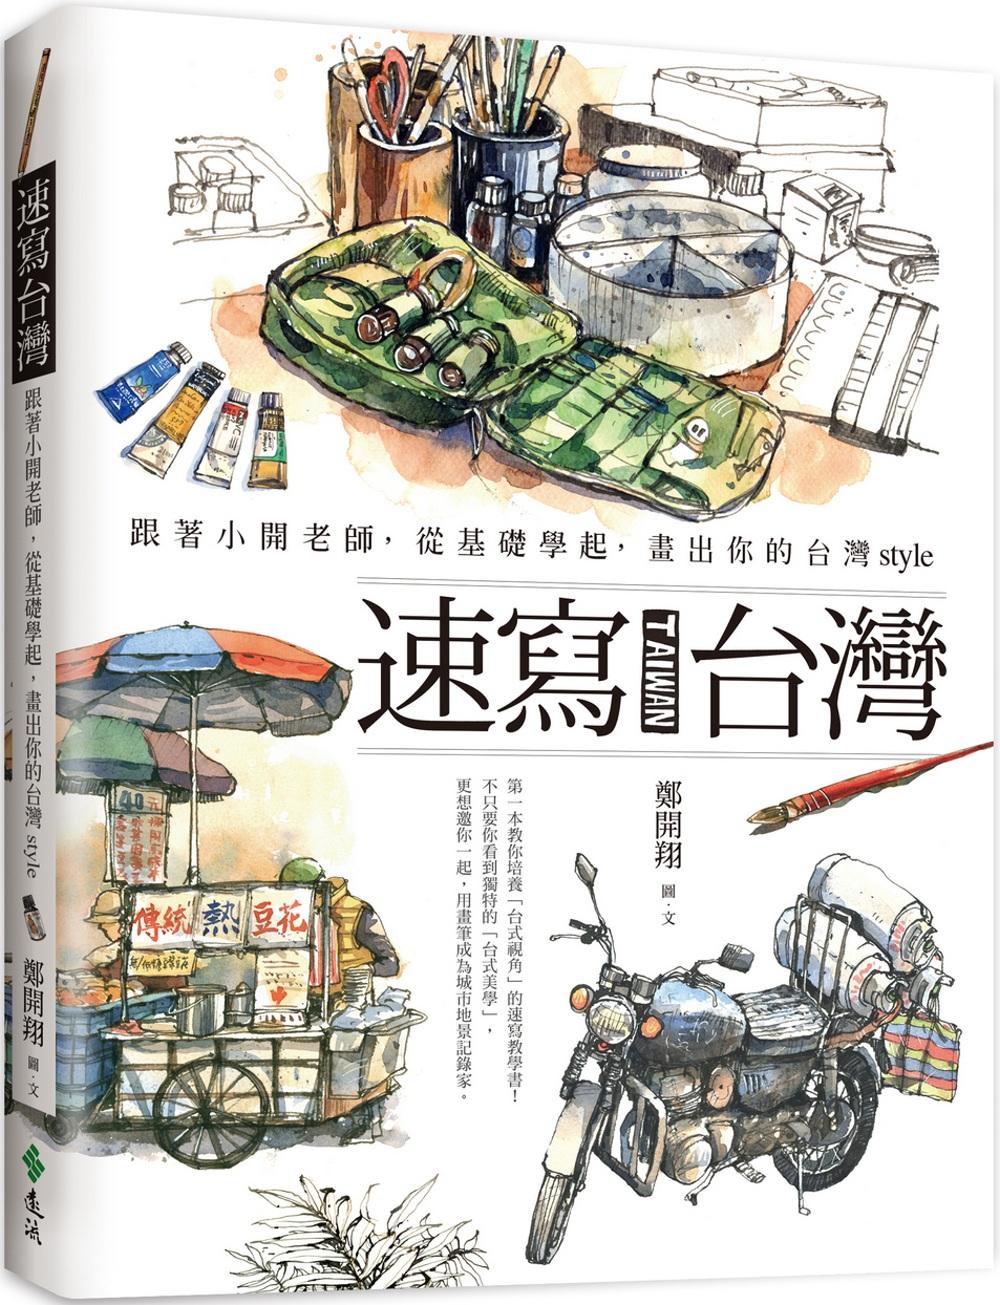 速寫台灣:跟著小開老師,從基礎學起,畫出你的台灣style(網書蓋章版+書寫珍藏書卡一組)